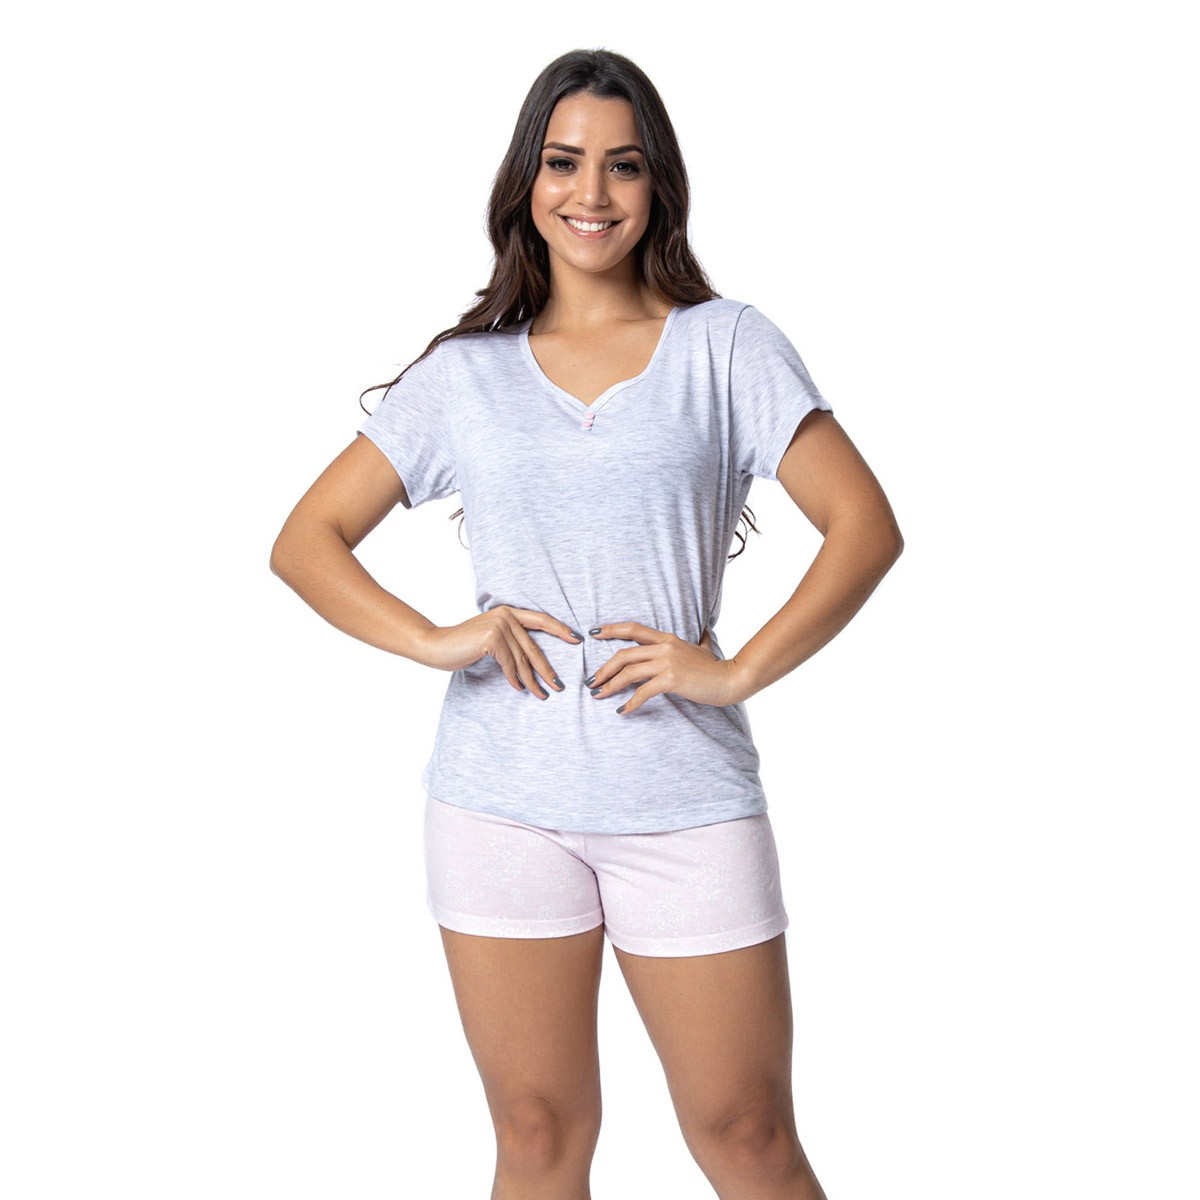 Pijama feminino short doll e camiseta manga curta para o verão Victory